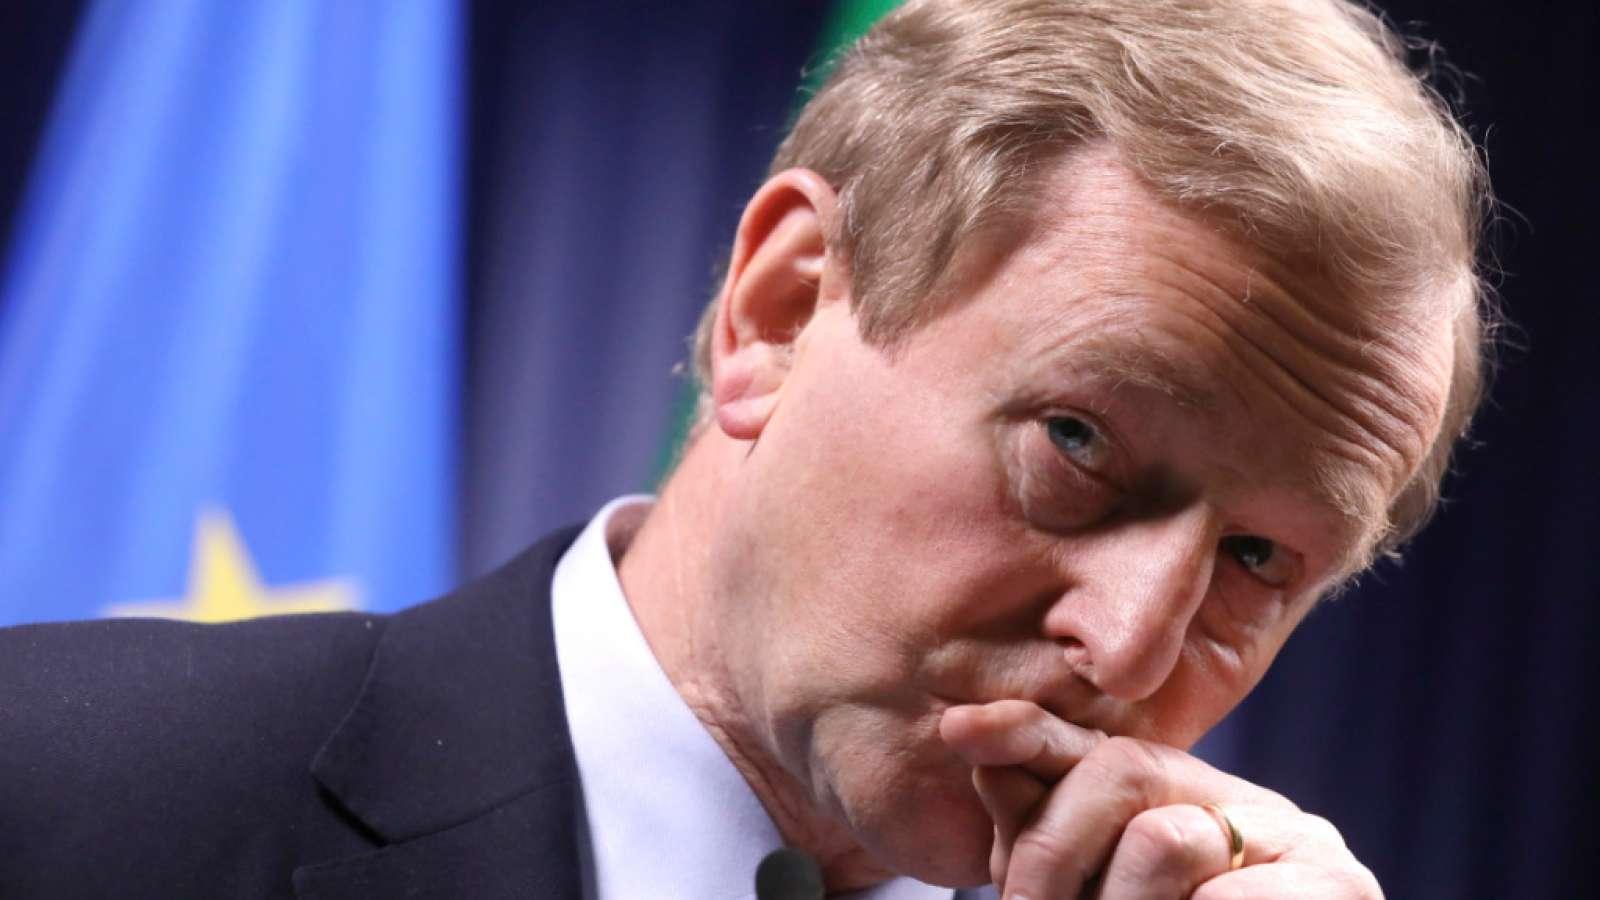 Enda Kenny legt seine Ämter als irischer Regierungschef und Fine-Gael-Vorsitzender ab (Archiv)